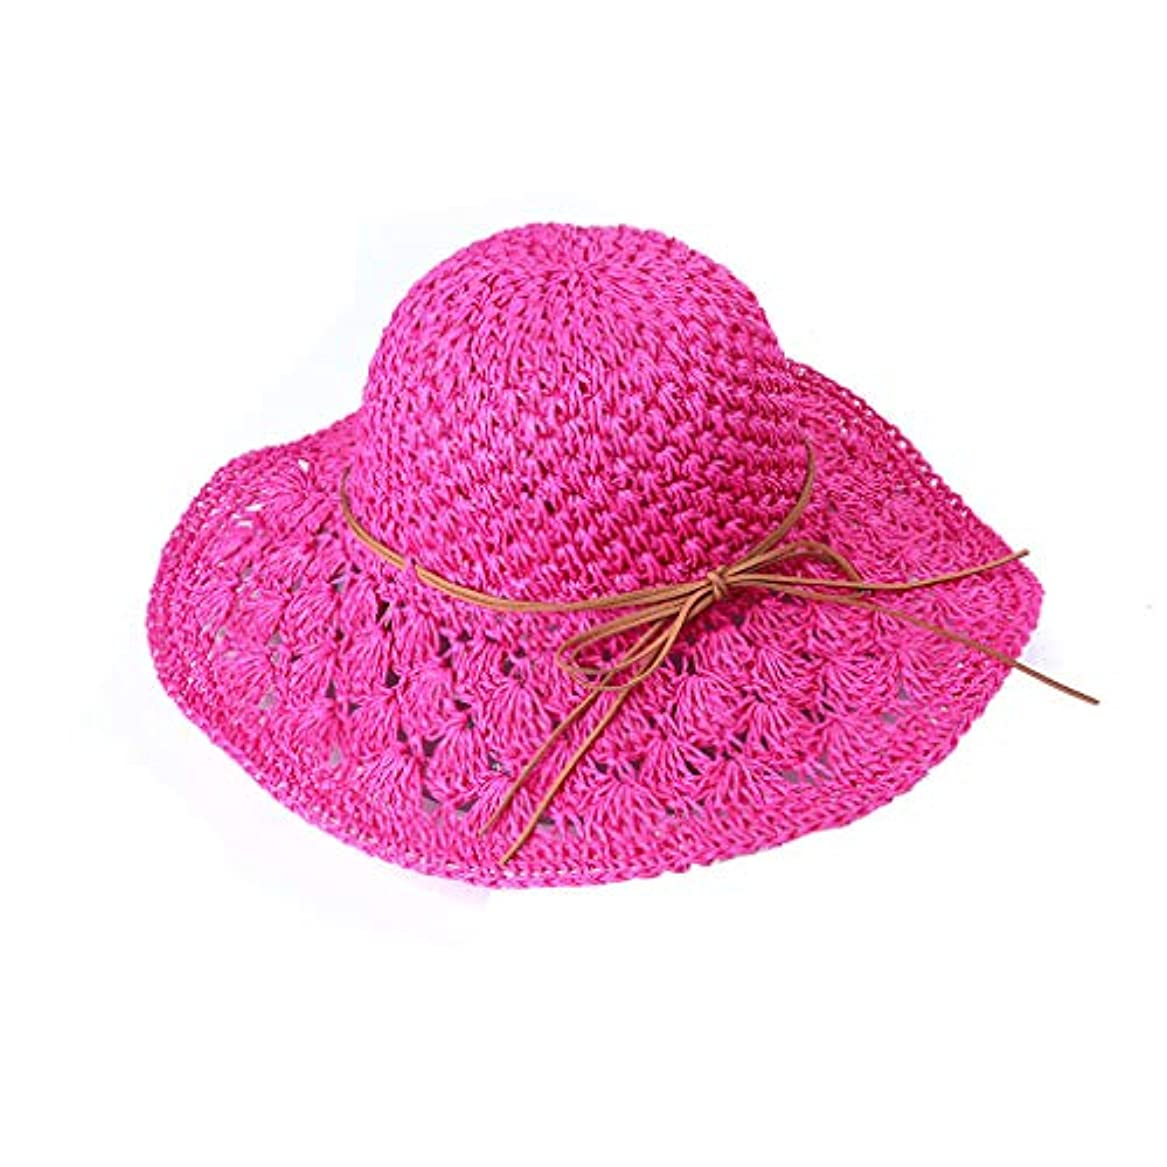 ホーン読書をするワイプ帽子 レディース UVカット uv帽 熱中症予防 広幅 取り外すあご紐 スナップ収納 折りたたみ つば広 調節テープ 吸汗通気 つば広 紫外線カット サファリハット 紫外線対策 おしゃれ 高級感 ROSE ROMAN